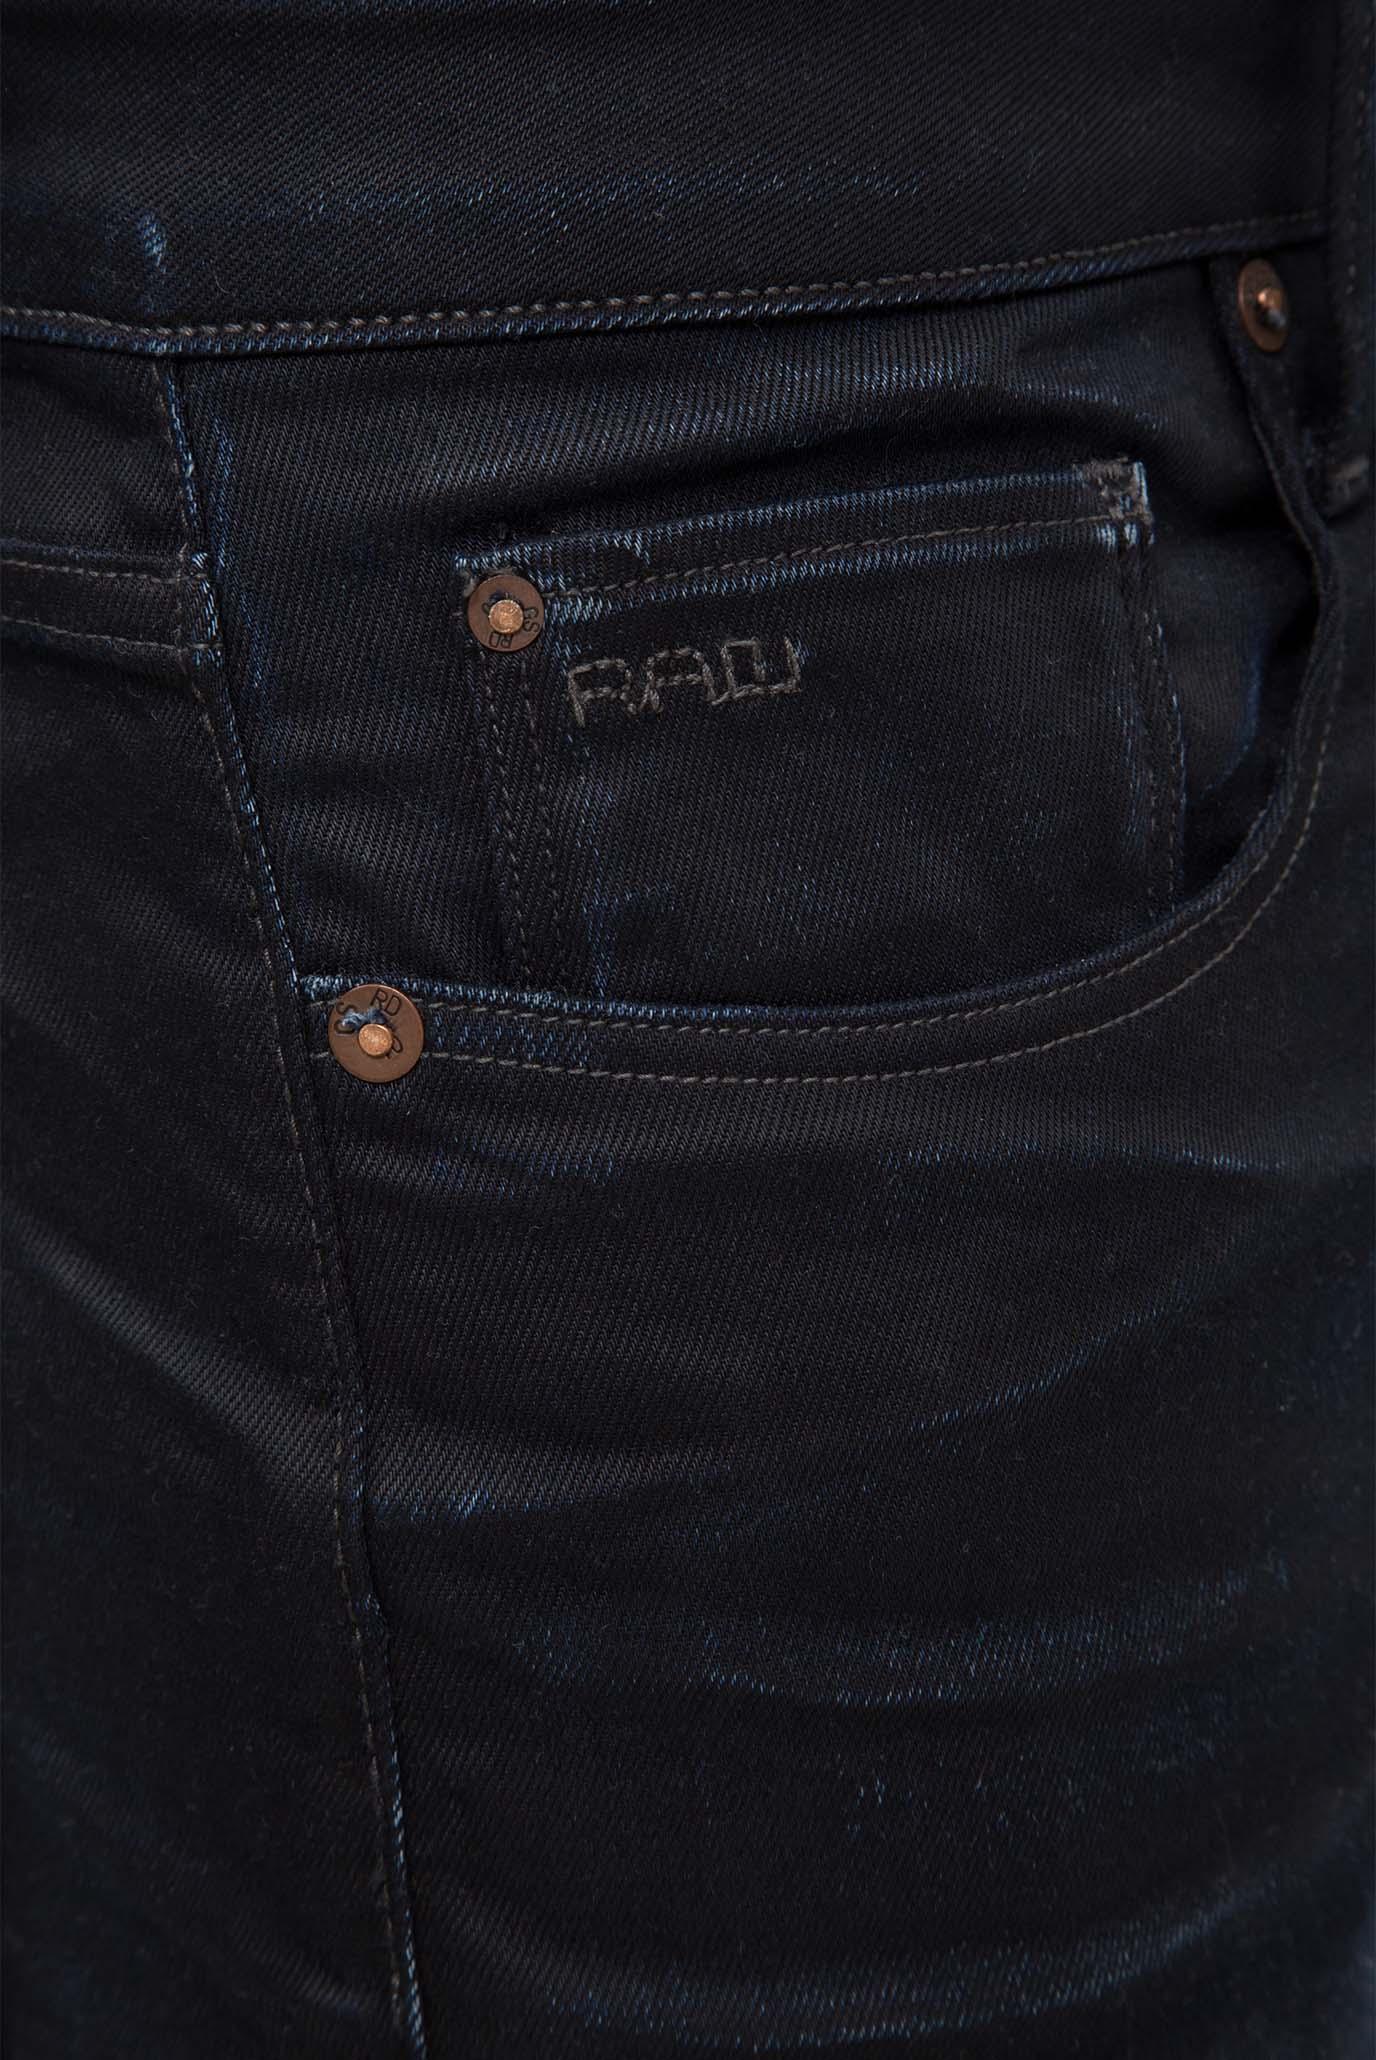 Купить Мужские темно-синие джинсы Slim G-Star RAW G-Star RAW 51001,5245 – Киев, Украина. Цены в интернет магазине MD Fashion